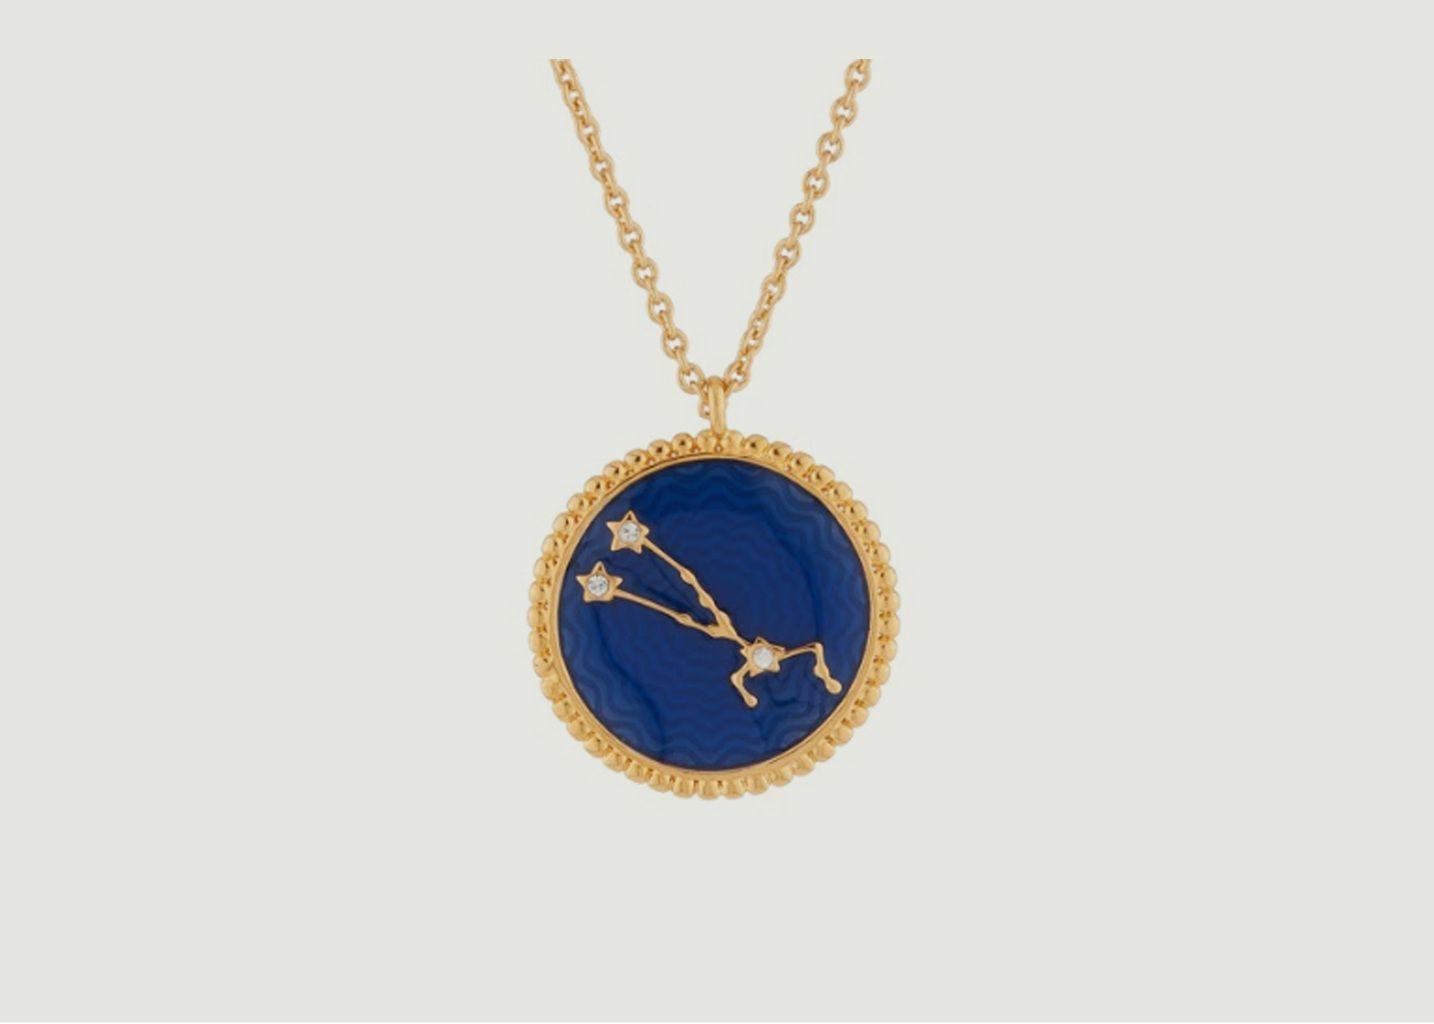 Collier signe astrologique Taureau - Les Néréides